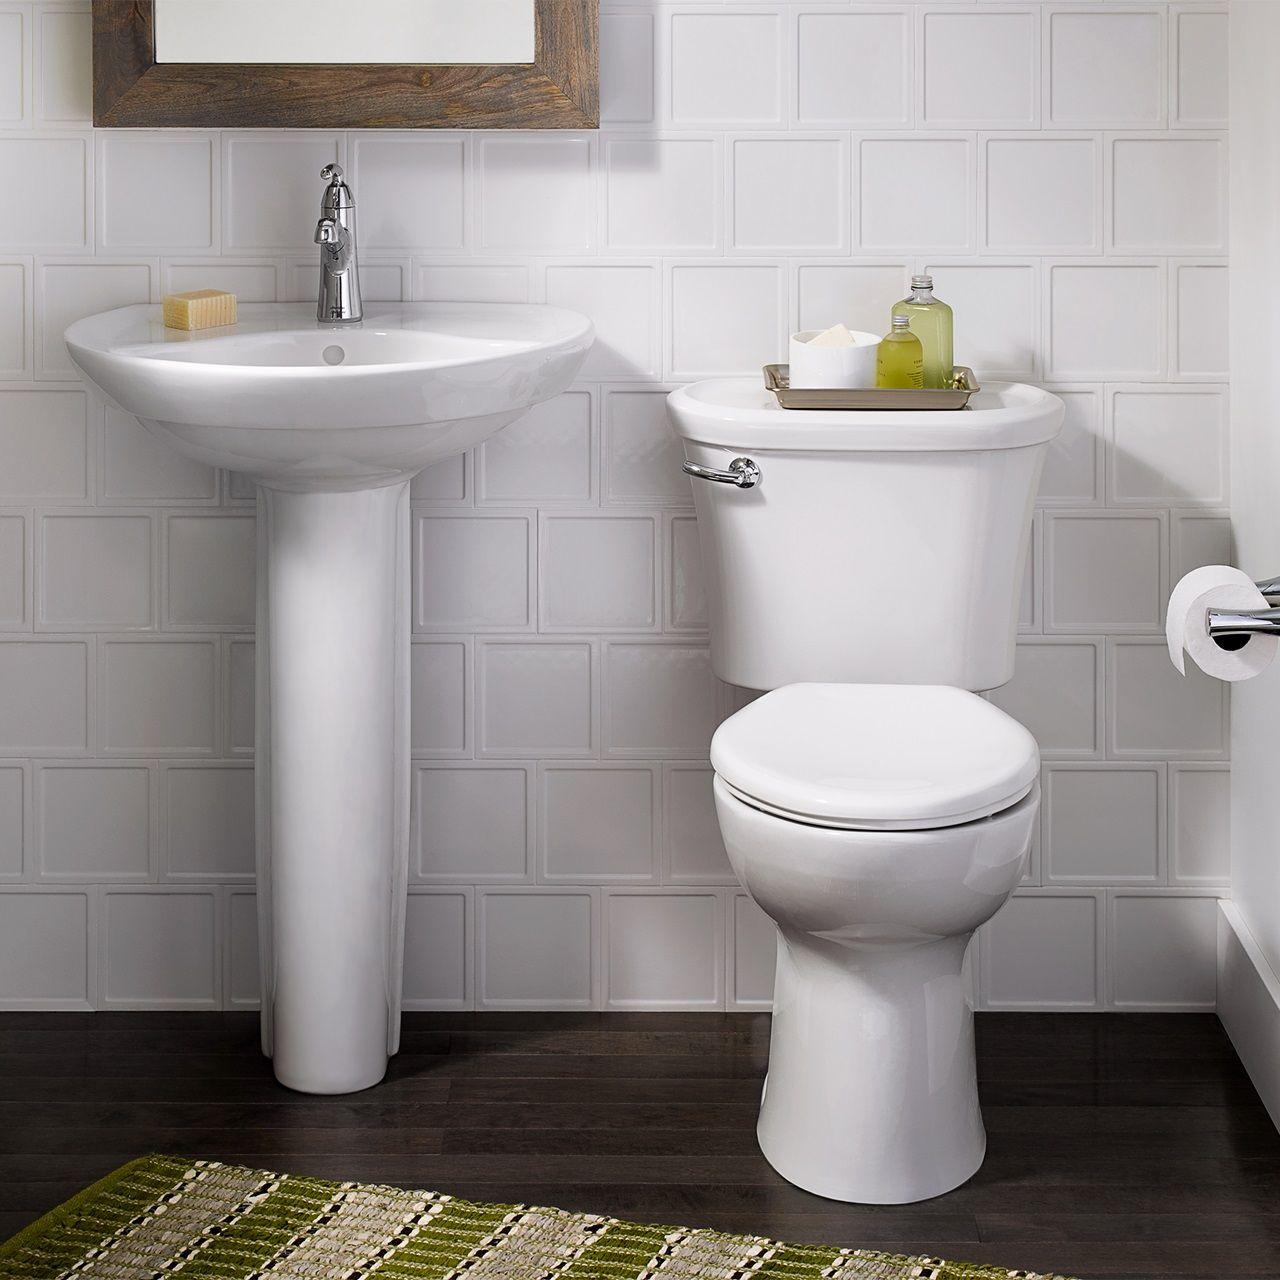 Bathroom Sinks Ravenna 24 Inch Pedestal Sink White Pedestal